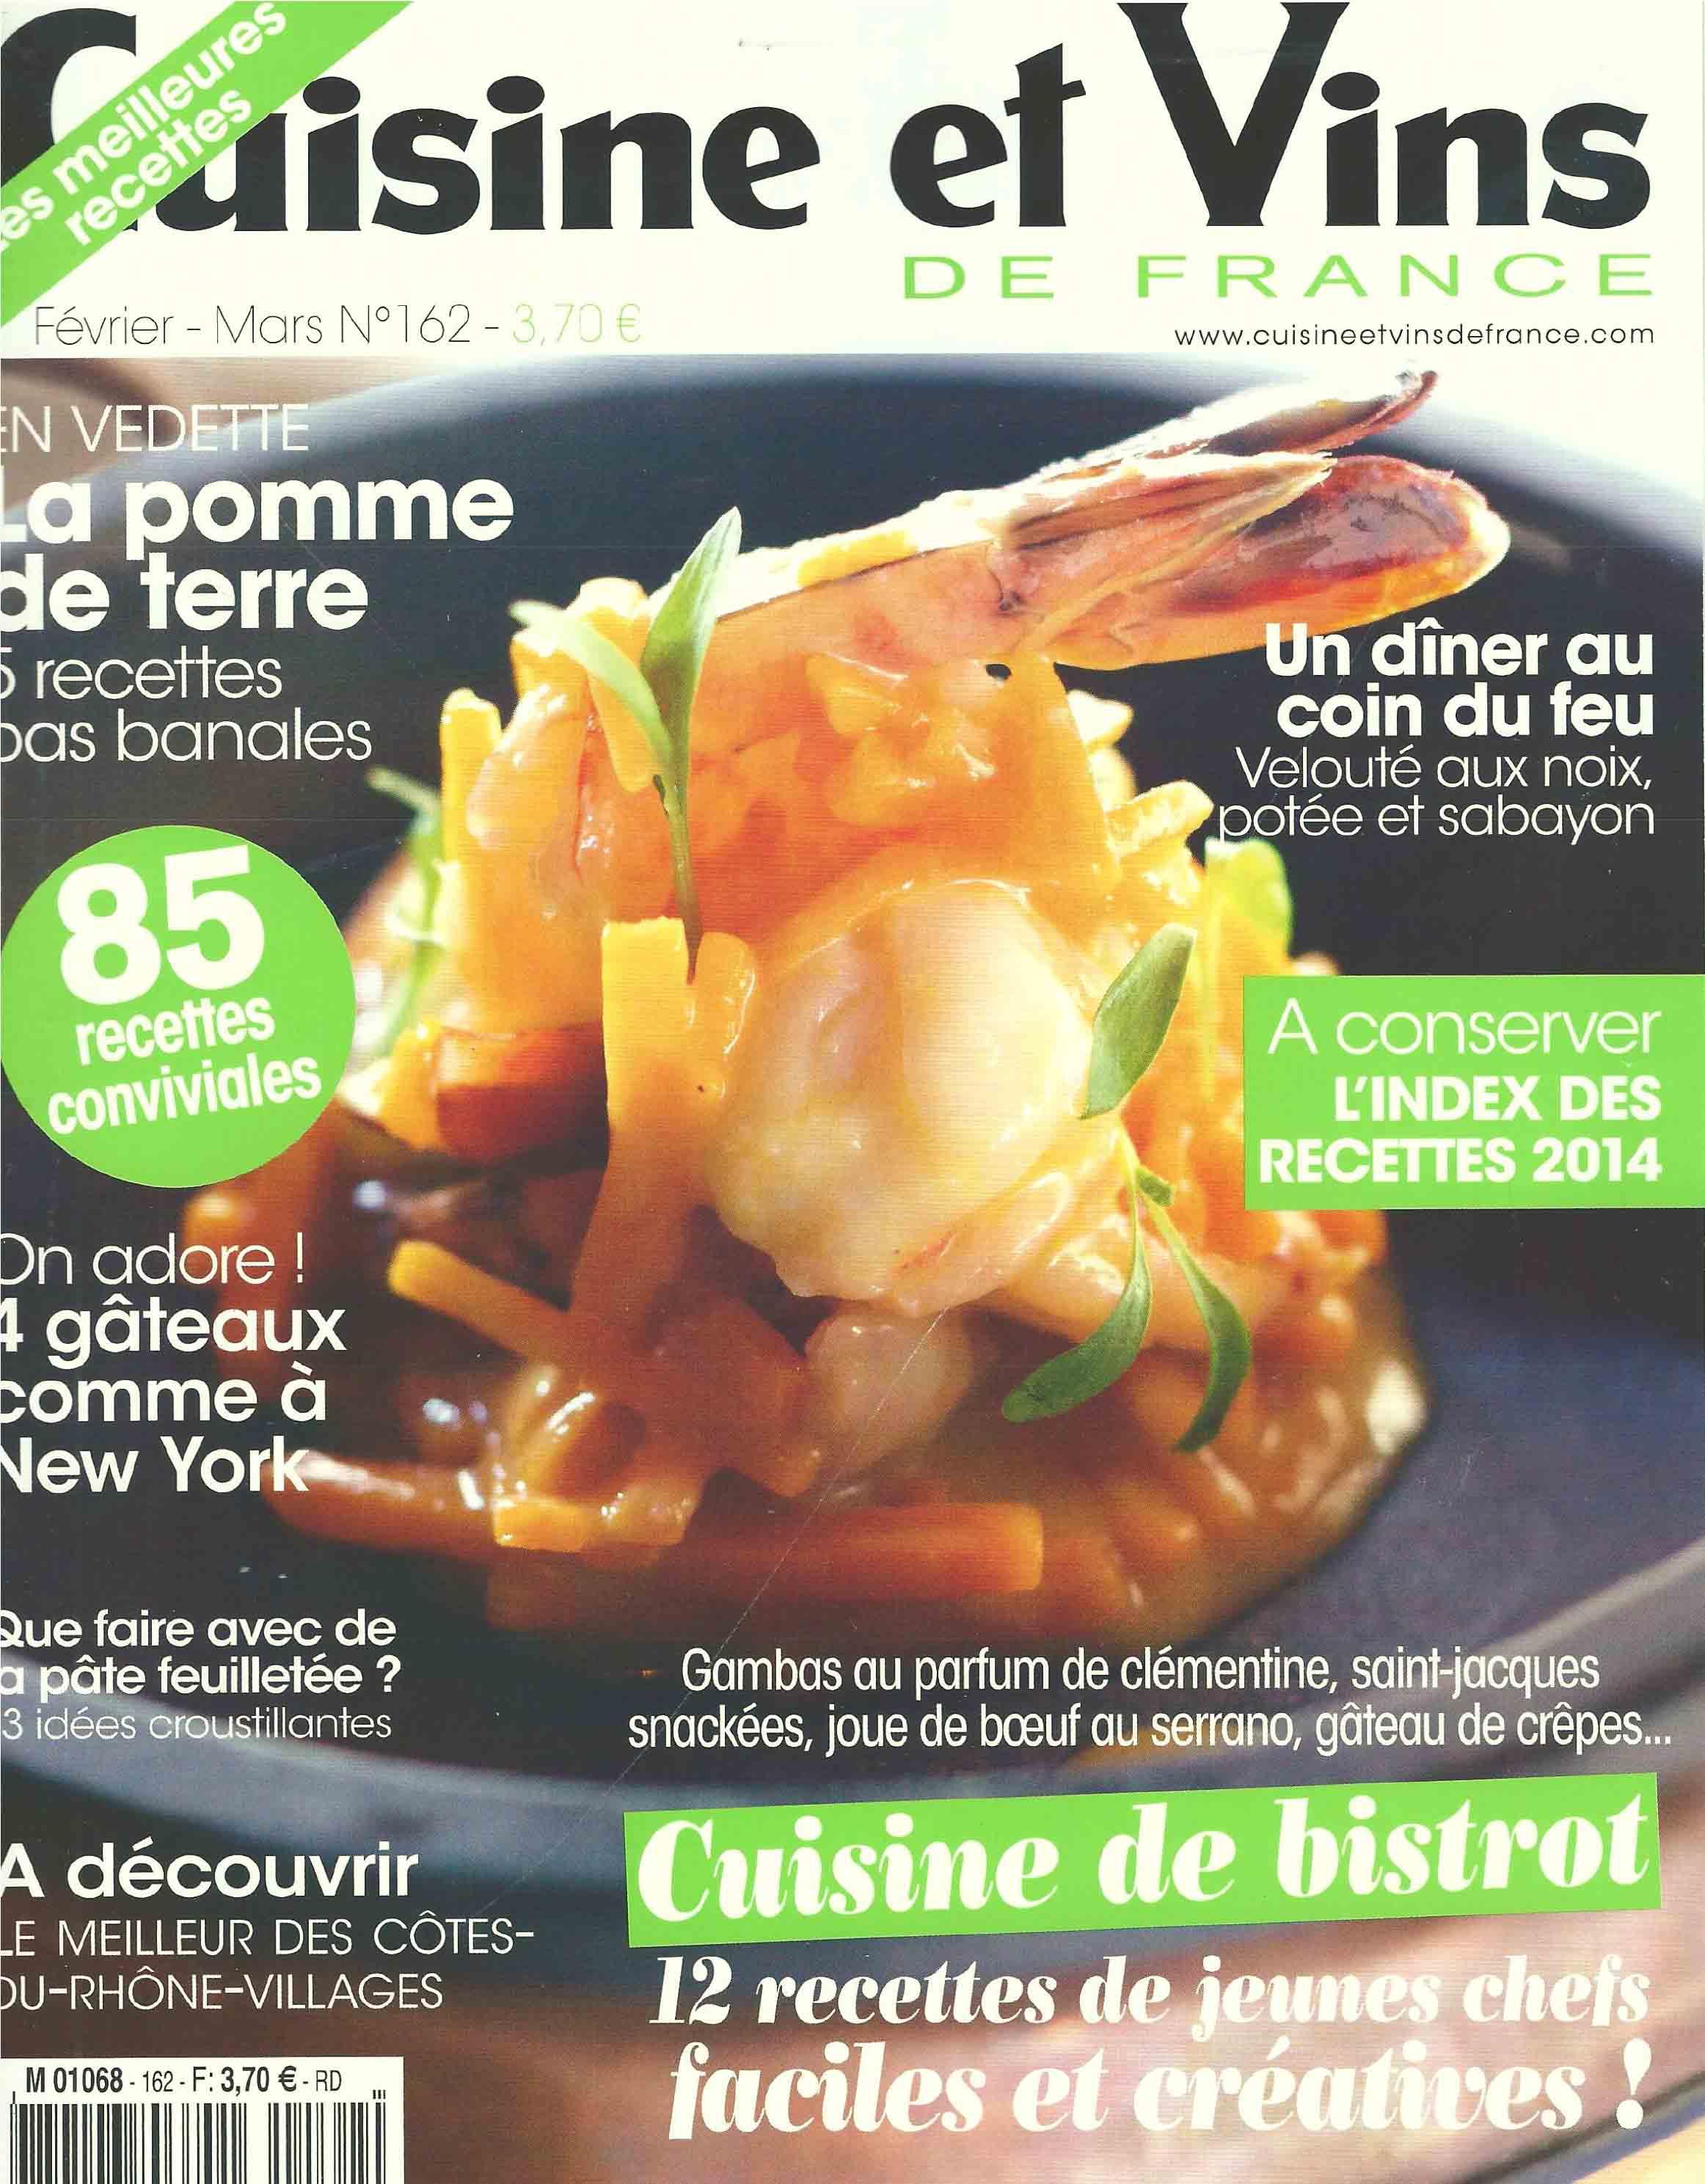 cuisine_et_vins_de_france_b_fevrier_mars-2015-3-1.jpg